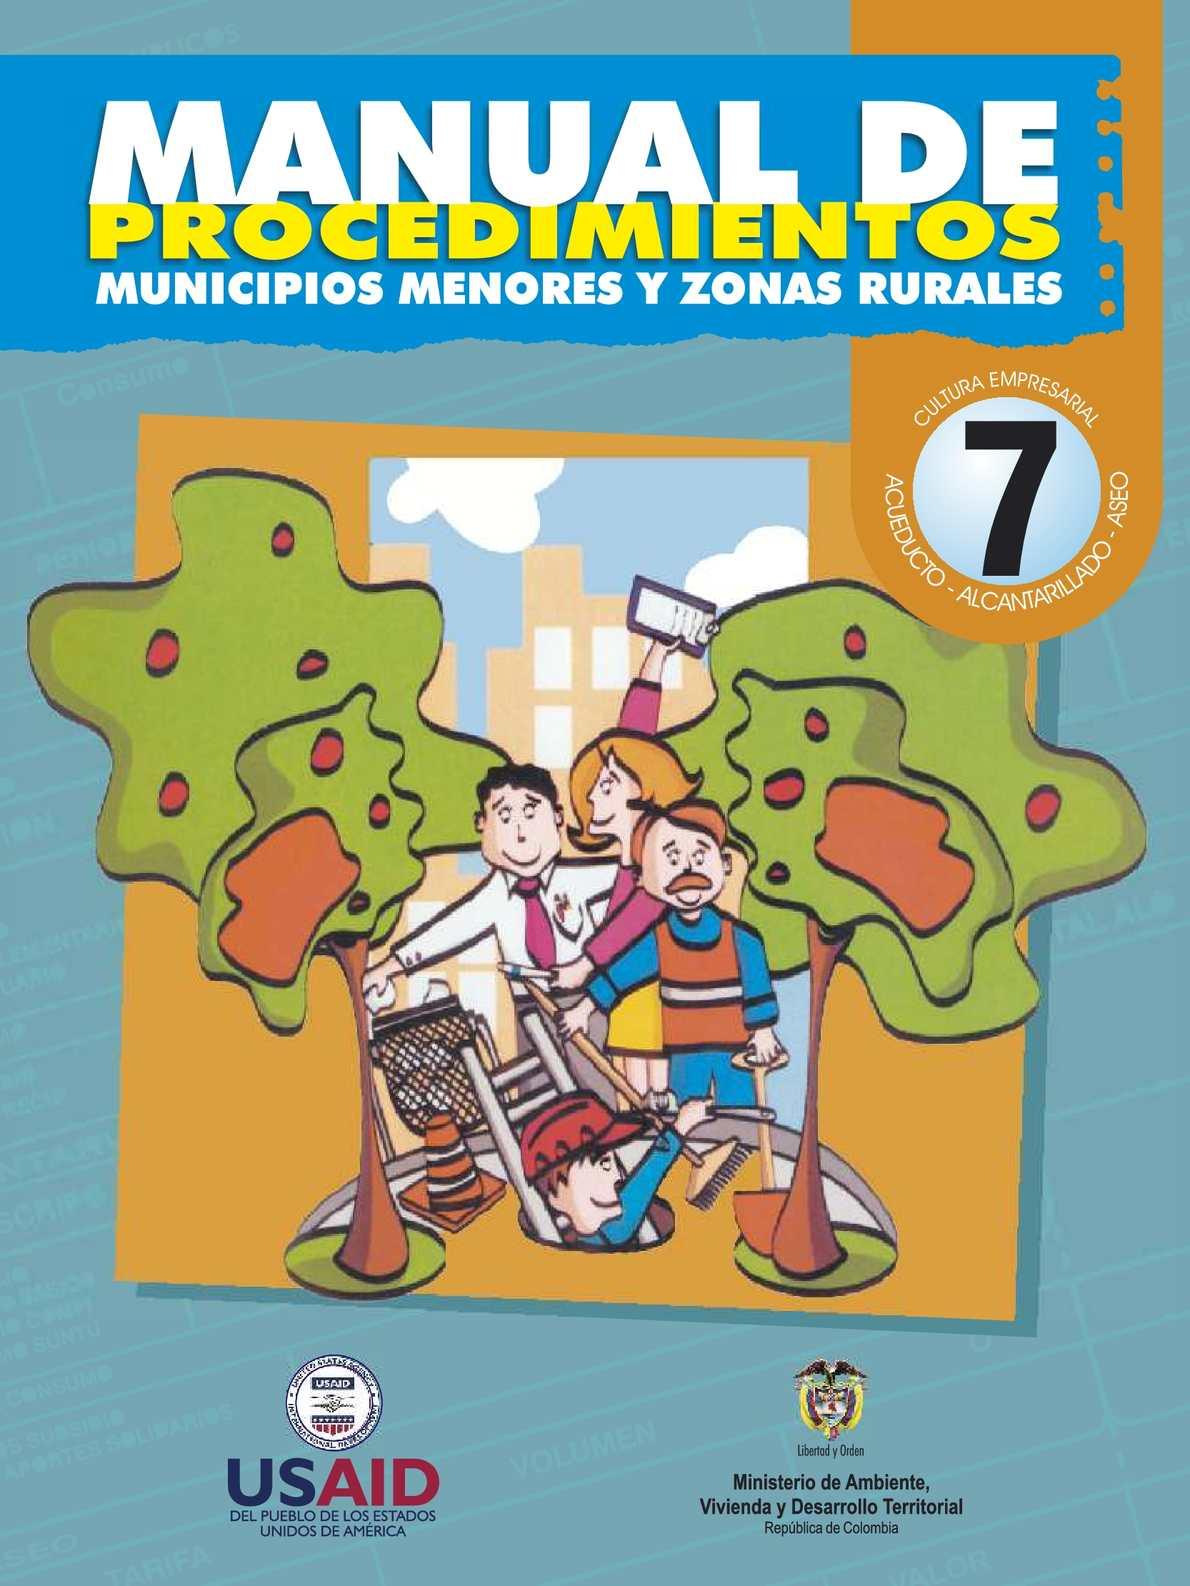 Manual de Procedimientos - Municipios Menores y Zonas Rurales